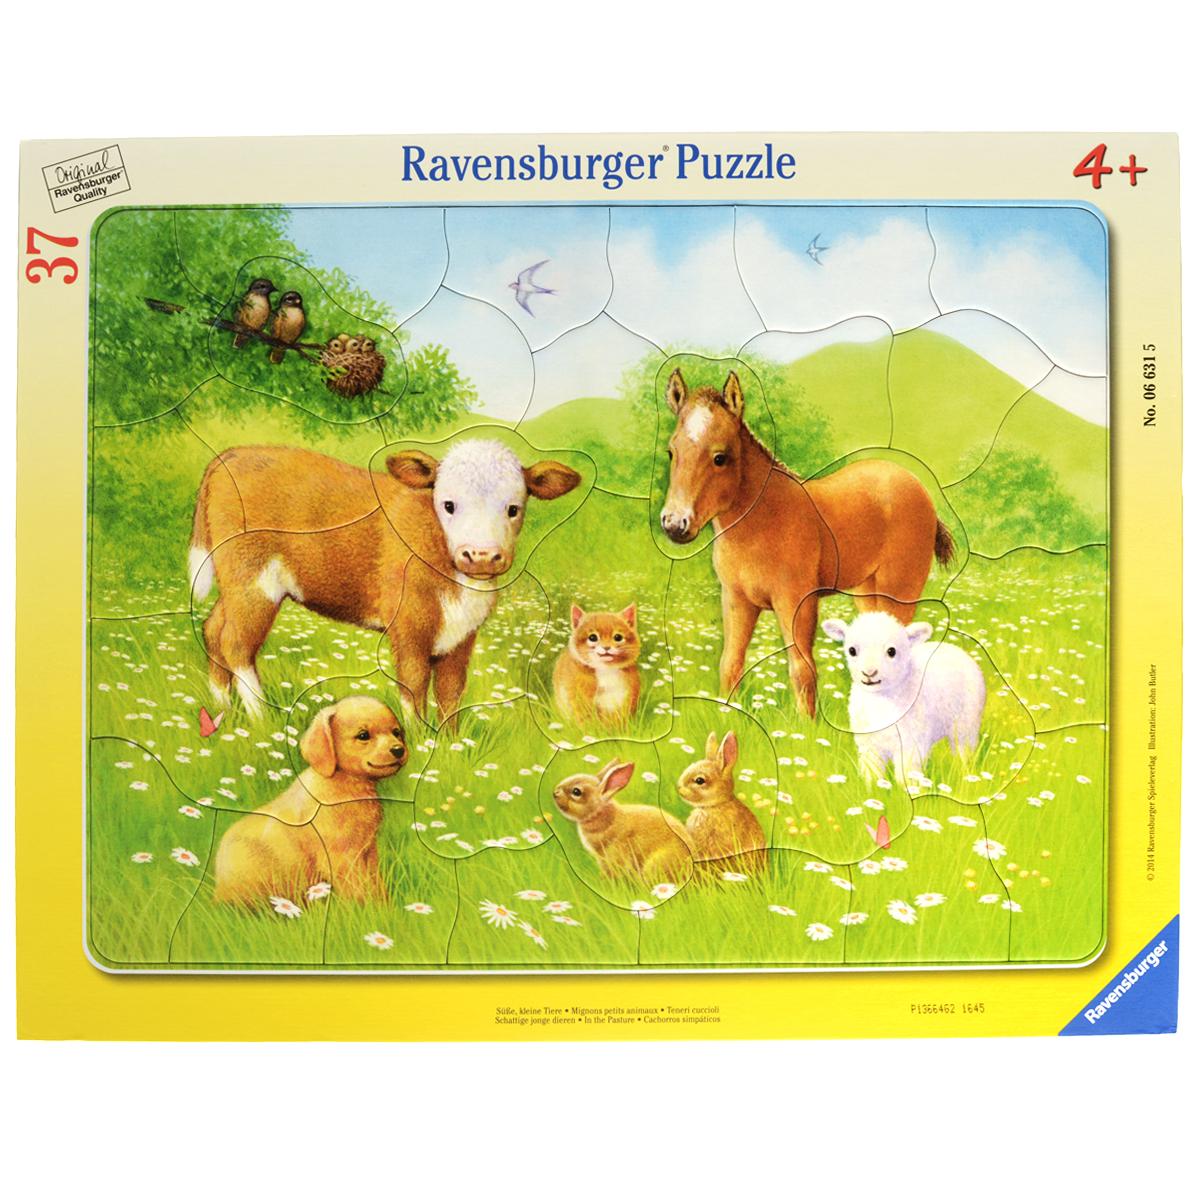 Ravensburger На лугу. Пазл, 37 элементов06631Пазл Ravensburger На лугу, несомненно, понравится вашему ребенку. Собрав этот пазл, включающий в себя 37 крупных элементов, вы получите замечательную картинку с изображением детенышей домашних животных. Пазл собирается на специальной картонной подложке. Элементы пазла достаточно крупные, что идеально подойдет для самых маленьких. Пазлы - замечательная развивающая игра для детей. Собирание пазла развивает у ребенка мелкую моторику рук, тренирует наблюдательность, логическое мышление, знакомит с окружающим миром, с цветом и разнообразными формами, учит усидчивости и терпению, аккуратности и вниманию.